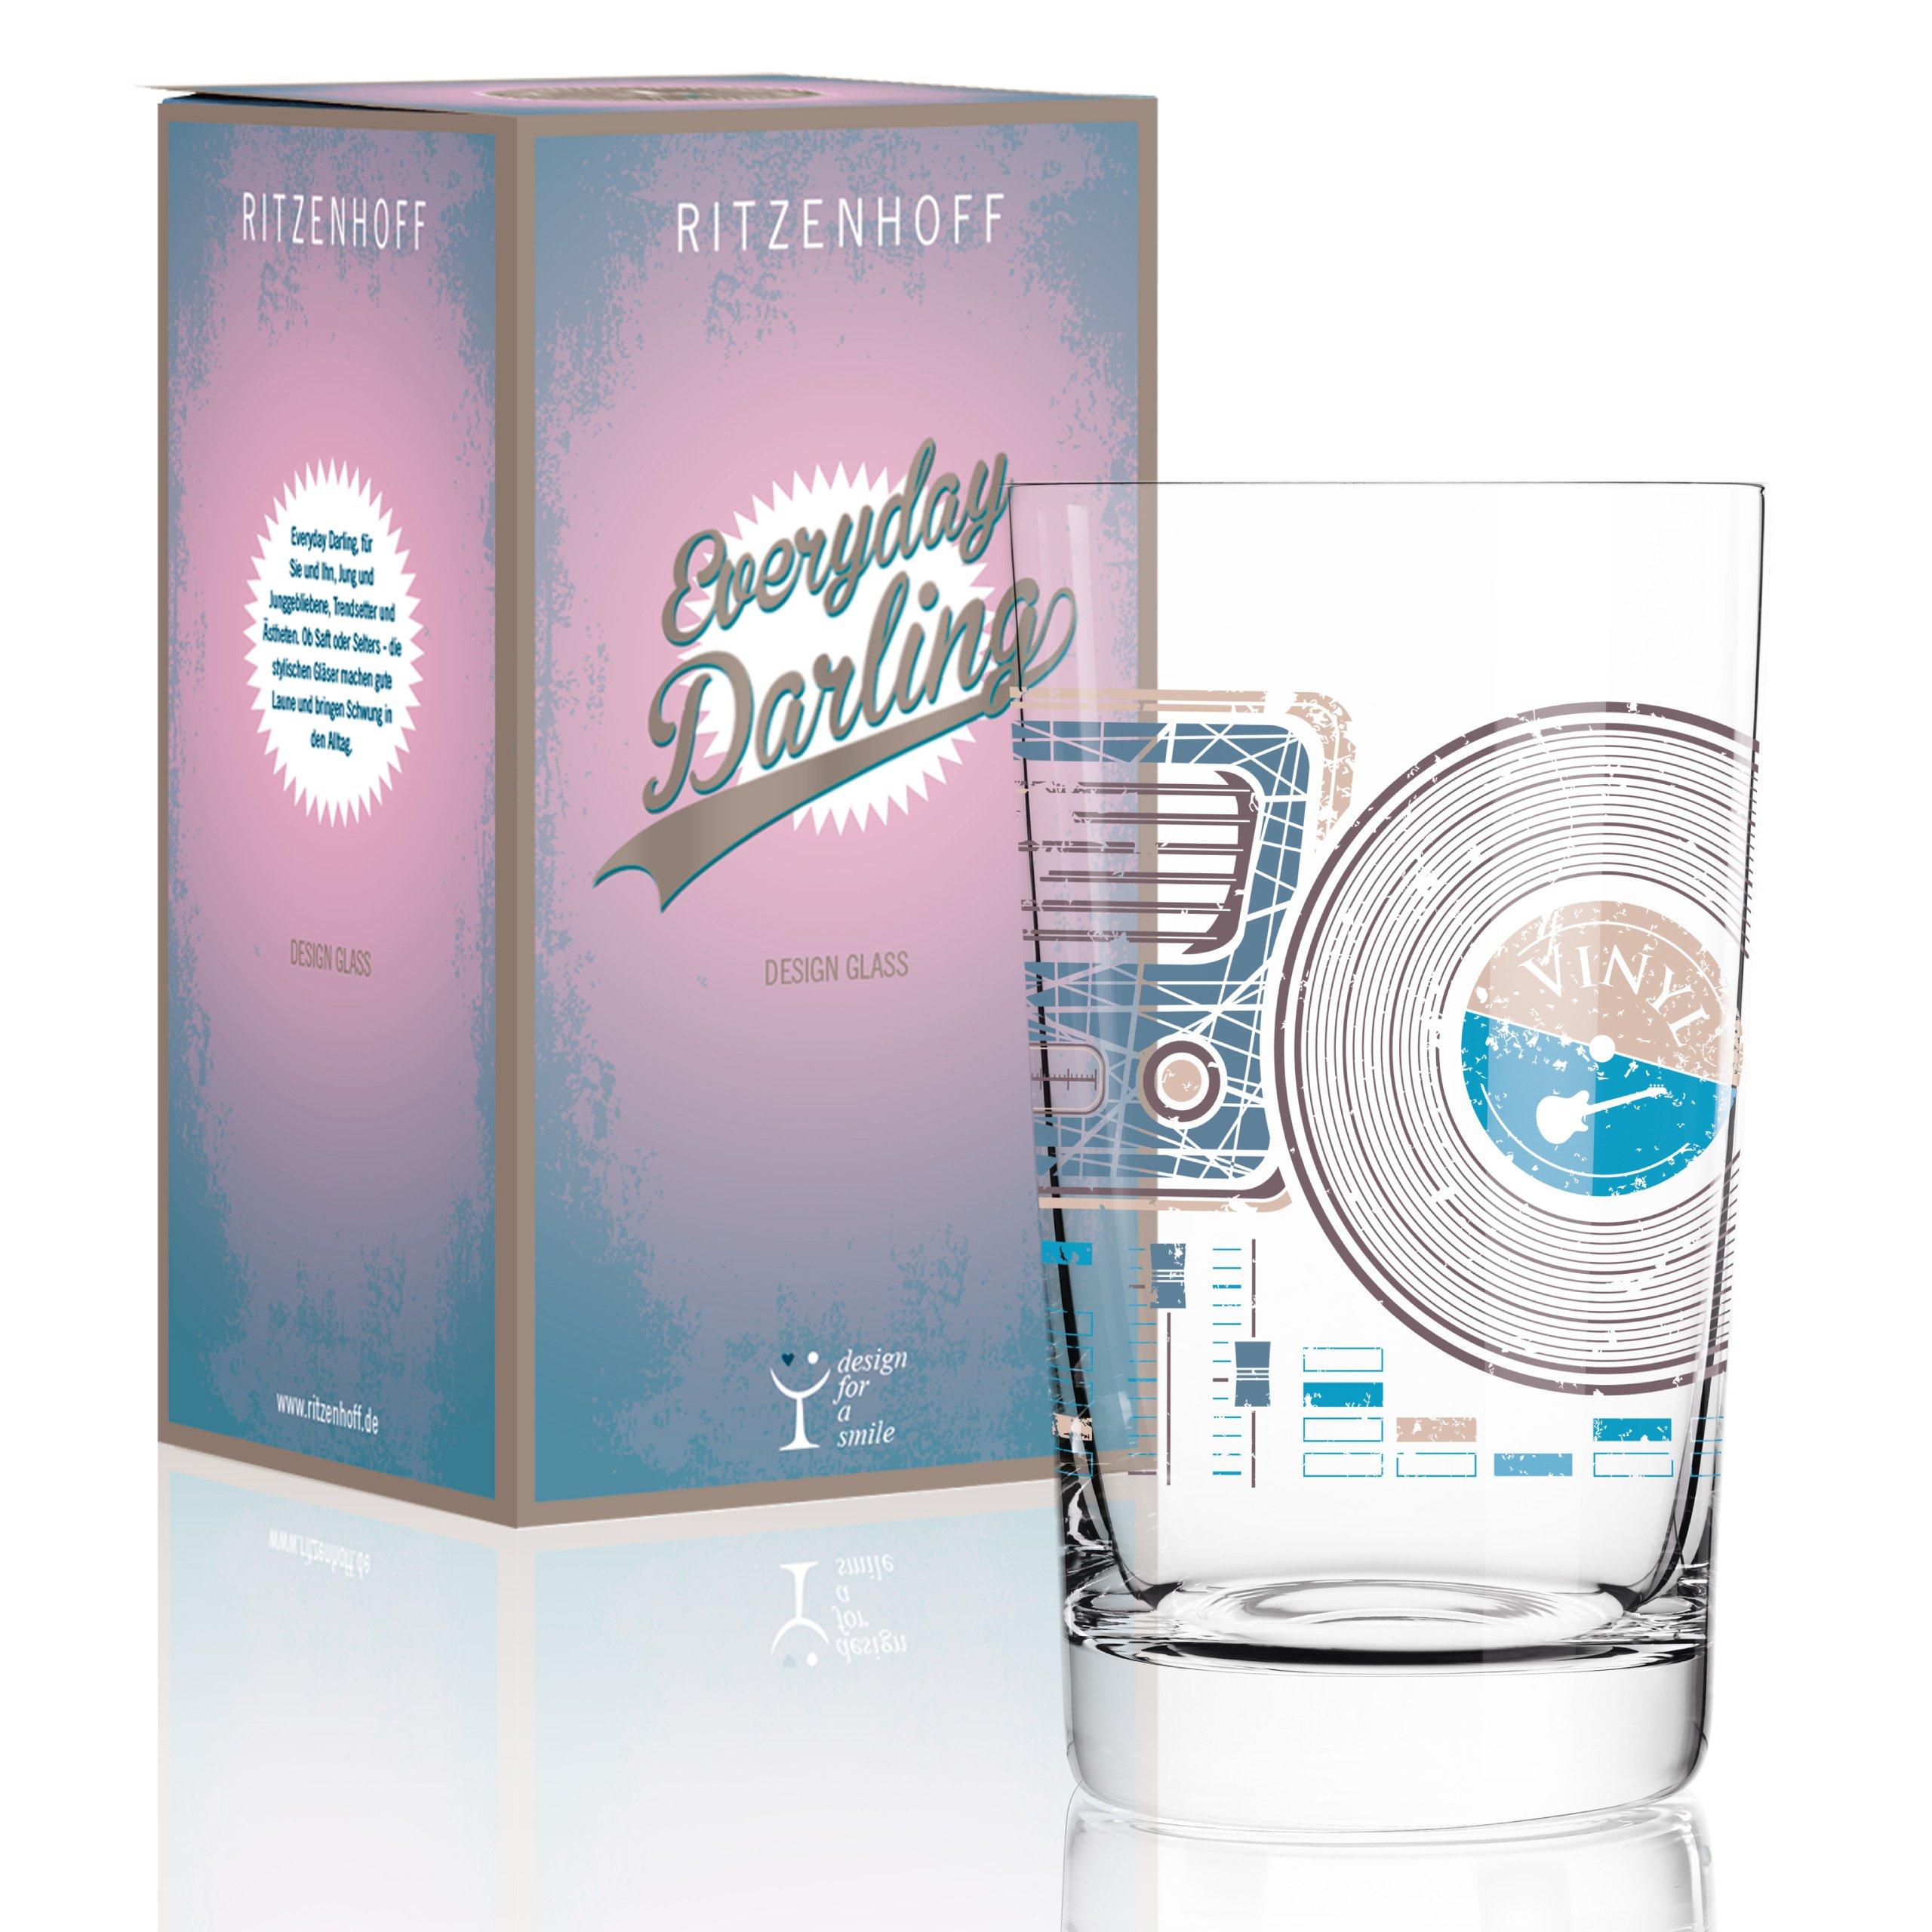 Ritzenhoff Everyday Darling Softdrinkglas, Crystal, Braun/grau/Petrol, 7.3 x 7.3 x 12.7 cm